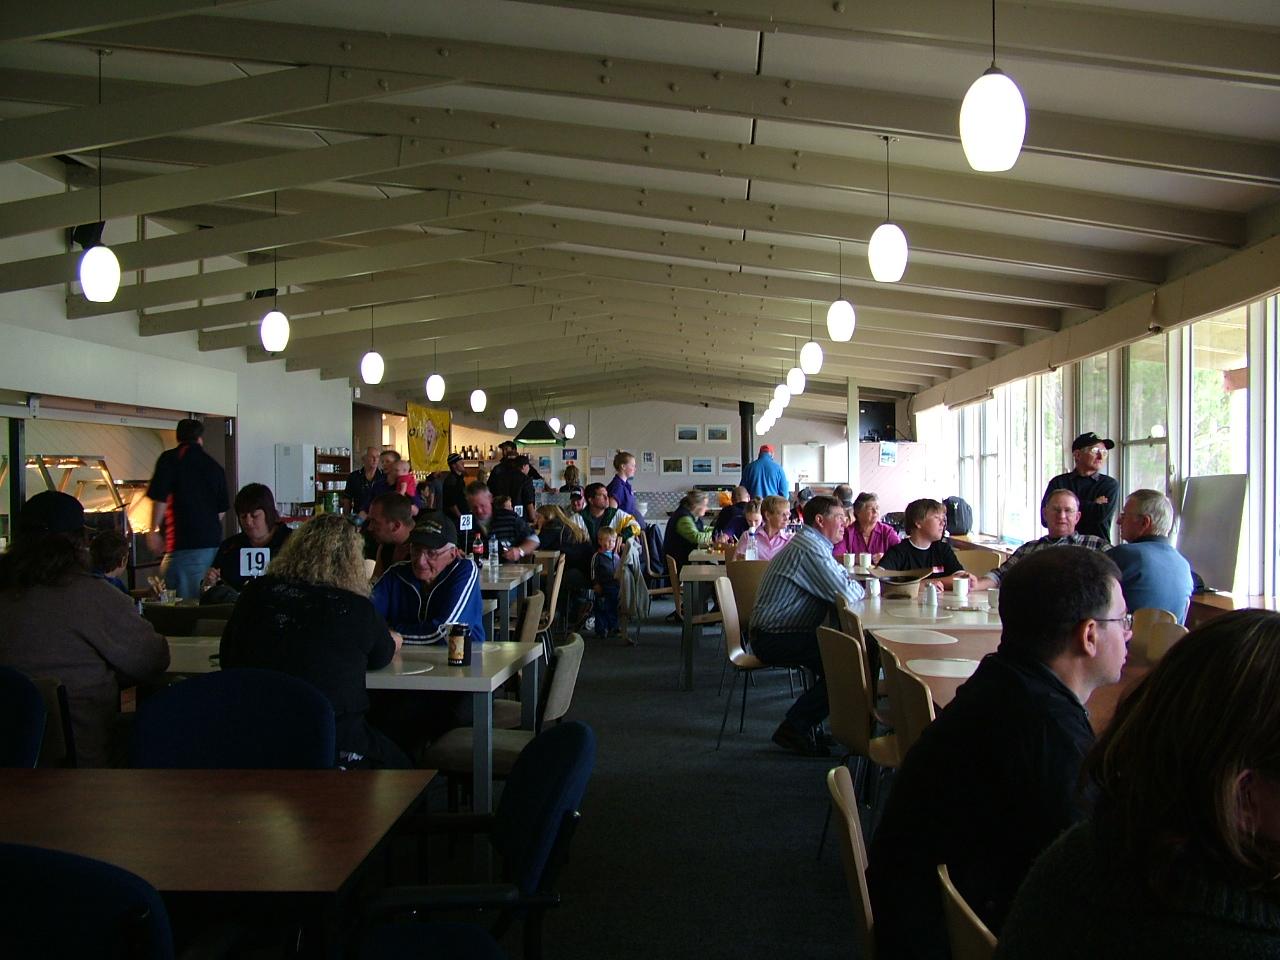 breakfast in chalet 2011